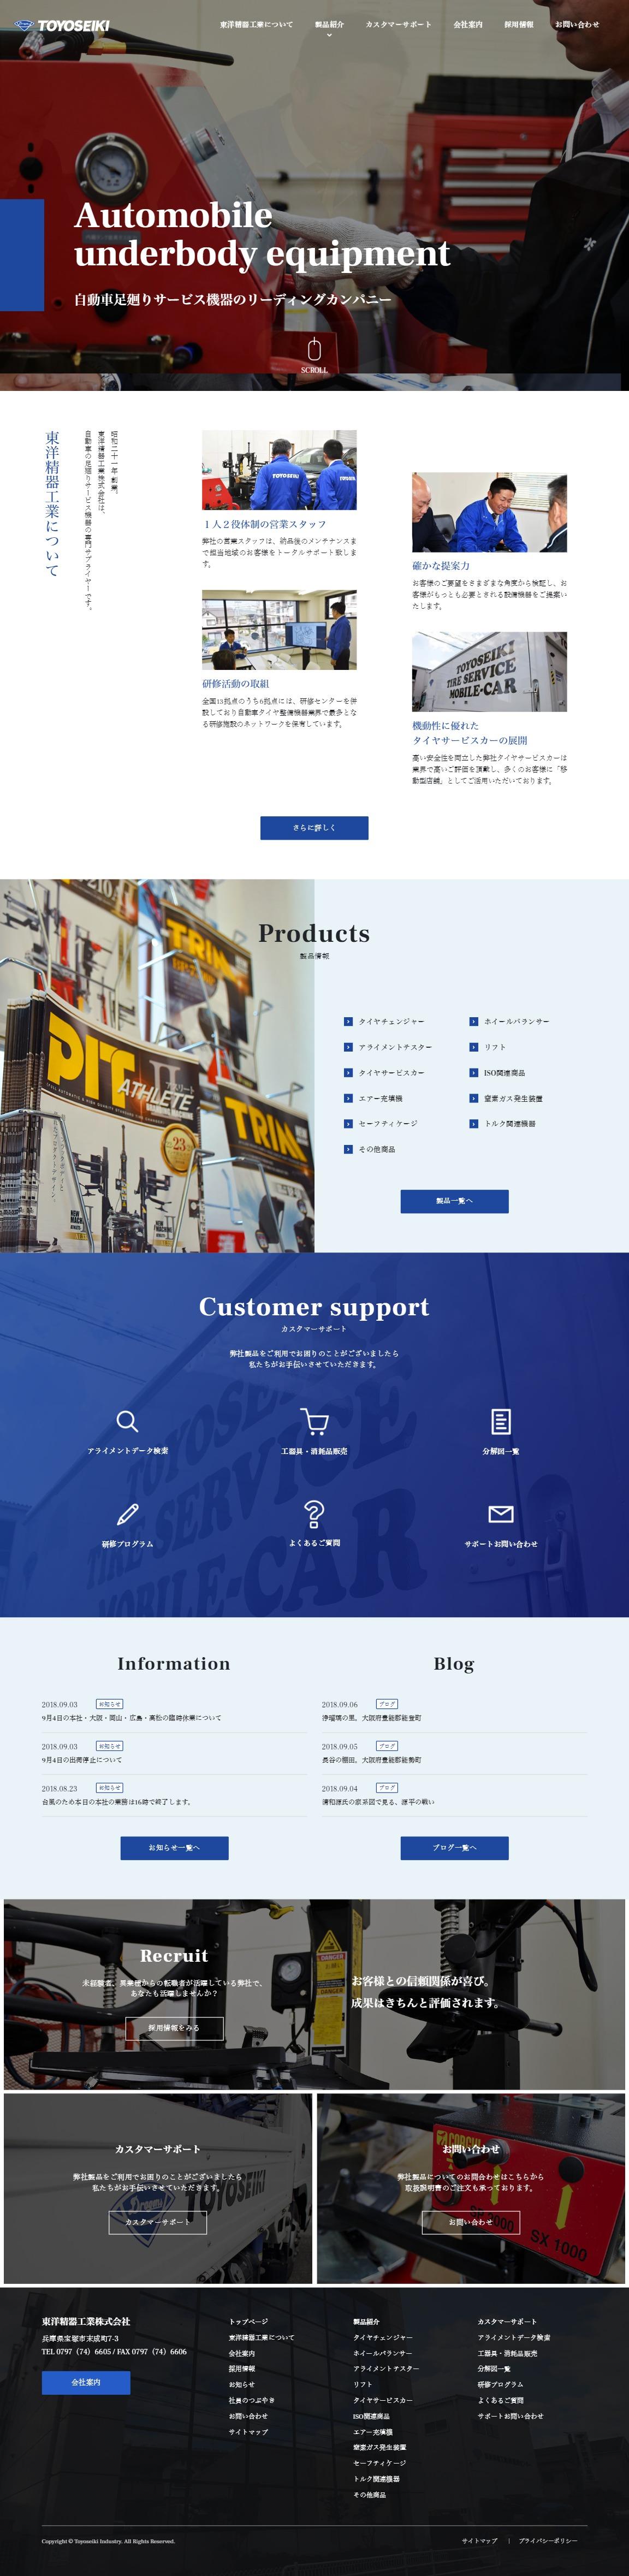 東洋精器工業株式会社PC版イメージ